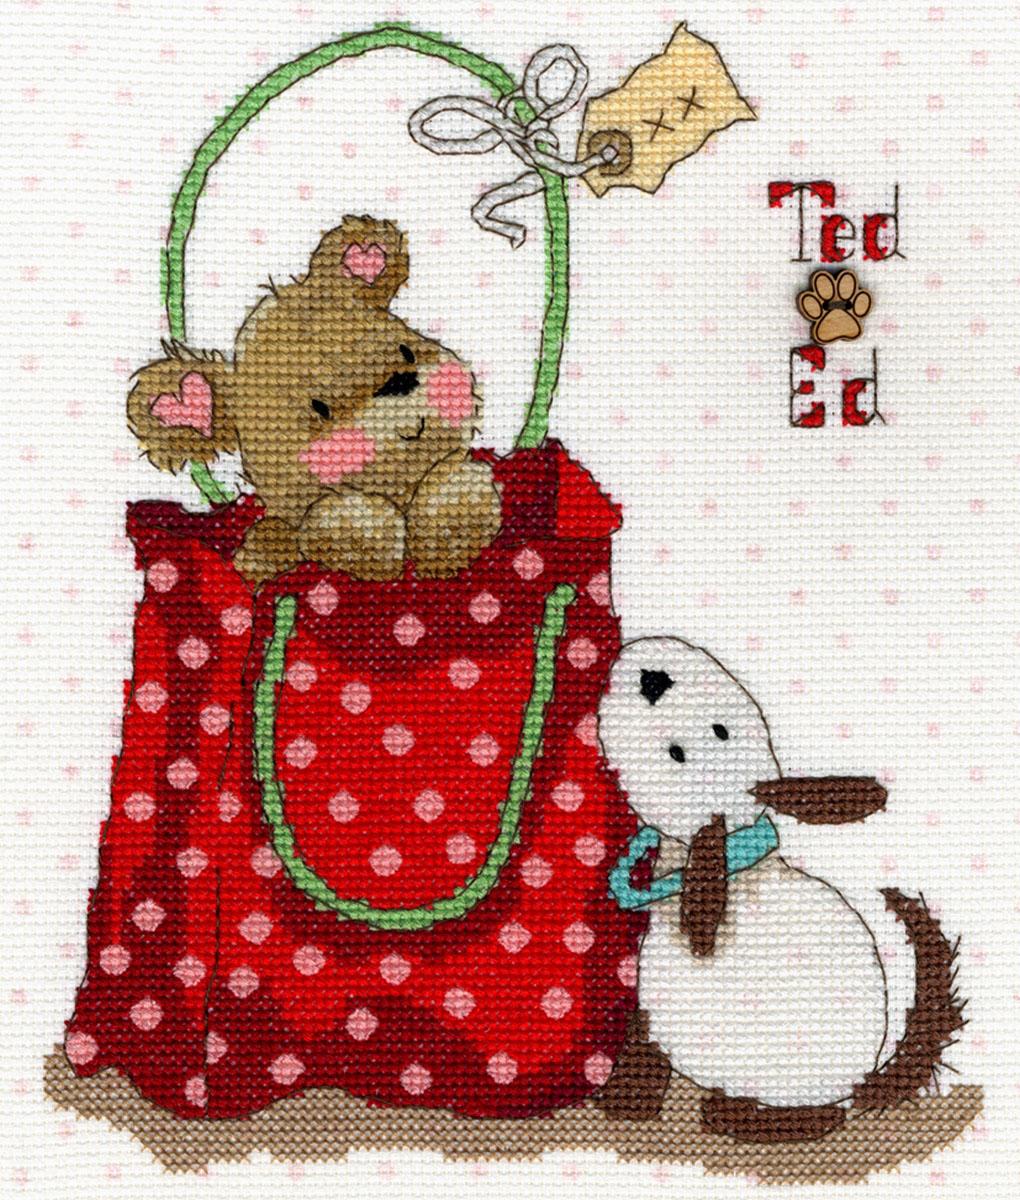 Набор для вышивания крестом Bothy Threads В сумочке, 17 x 20 см набор для вышивания крестом bothy threads мышка шьет 18 x 18 см